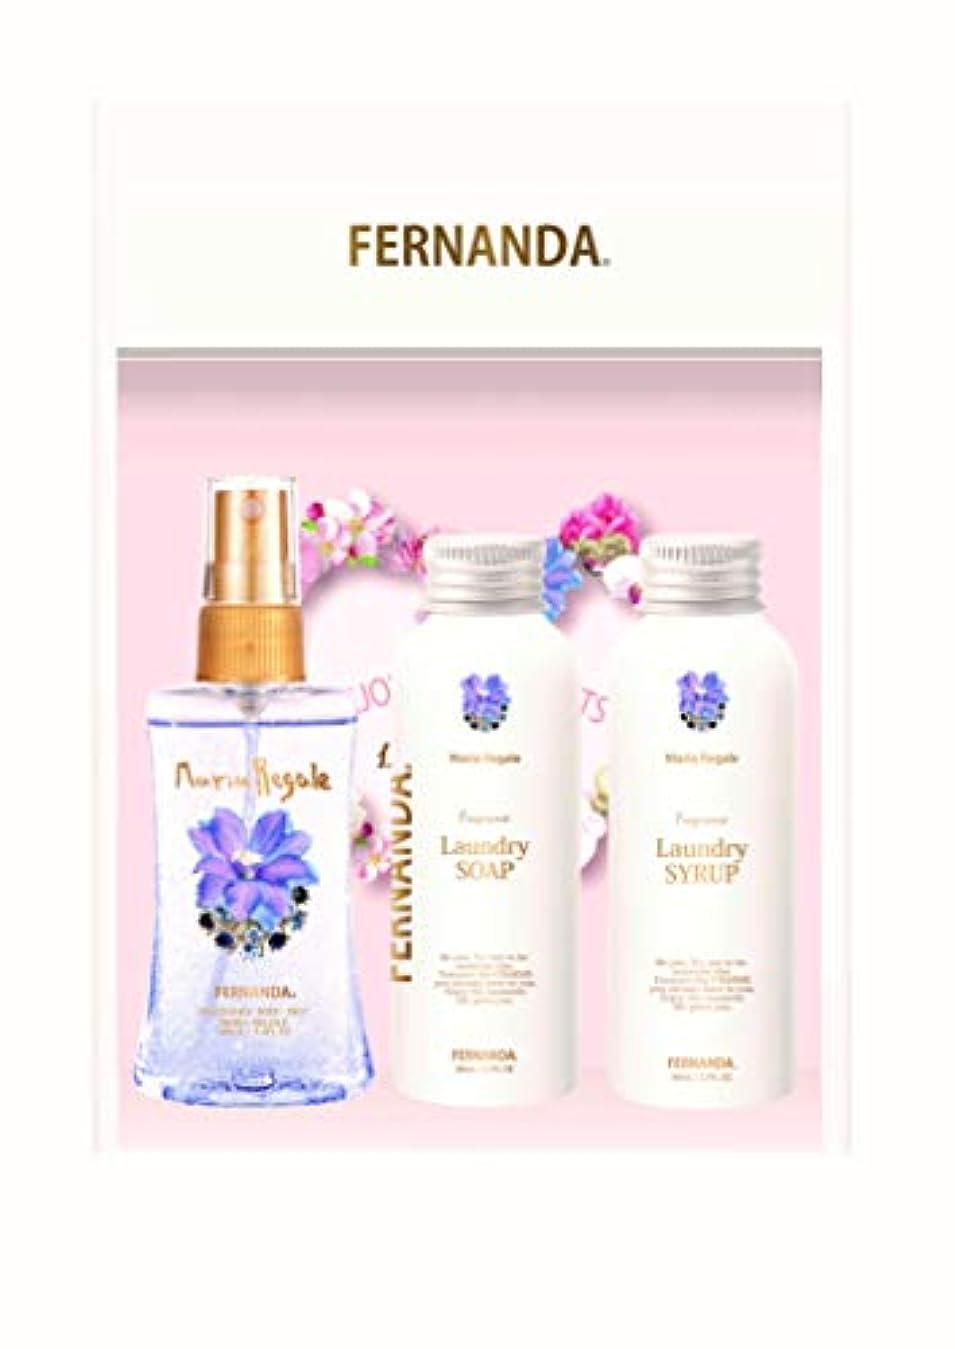 ページボンドソブリケットFERNANDA(フェルナンダ)Mist & Laundry Soap & Laungry Syrup Gift Set Maria Regale (ミスト&ランドリーソープ & ランドリーシロップ ギフトセット マリアリゲル)